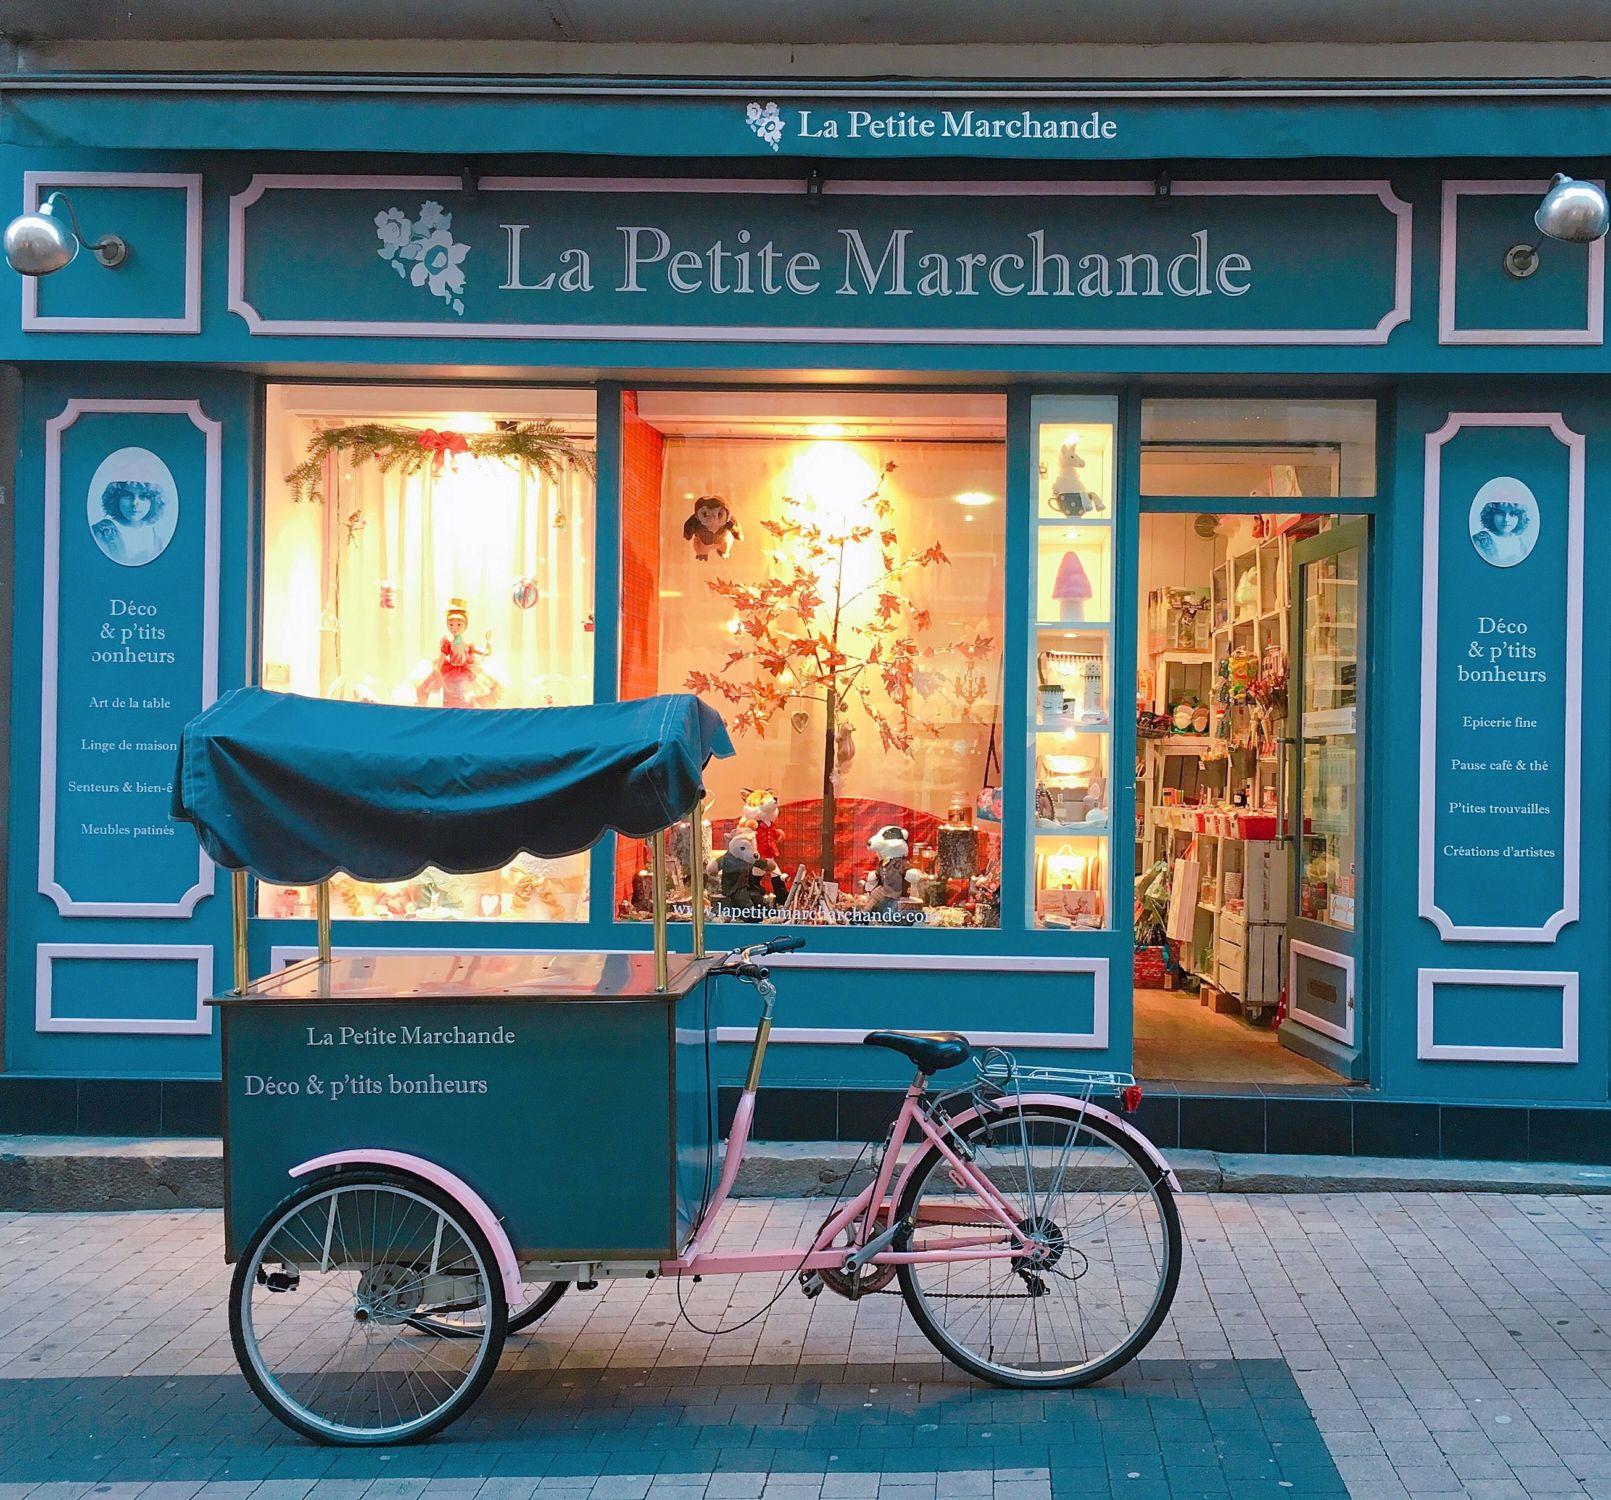 Bonnes adresses angevines les jolies choses marie anne en 2 mots blogueuse angevine - La petite marchande angers ...